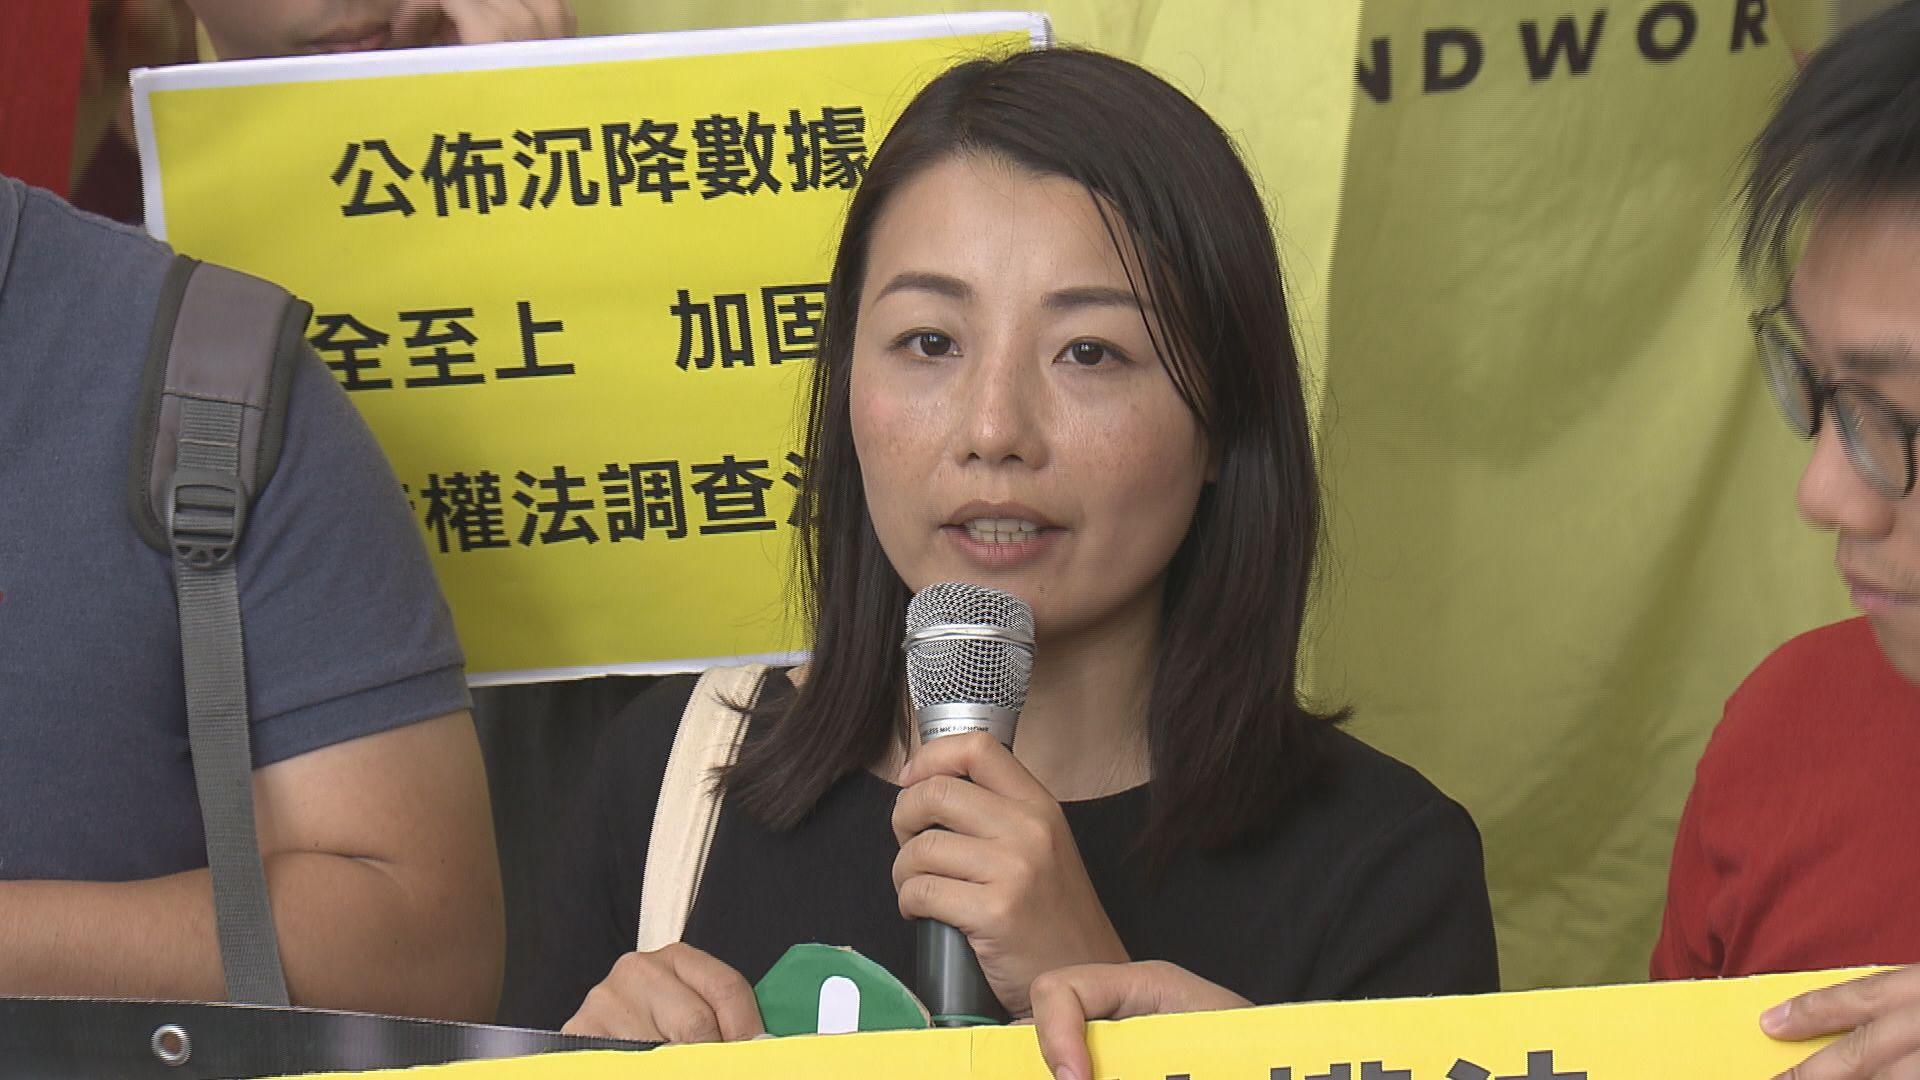 劉小麗將宣布參選九龍西補選